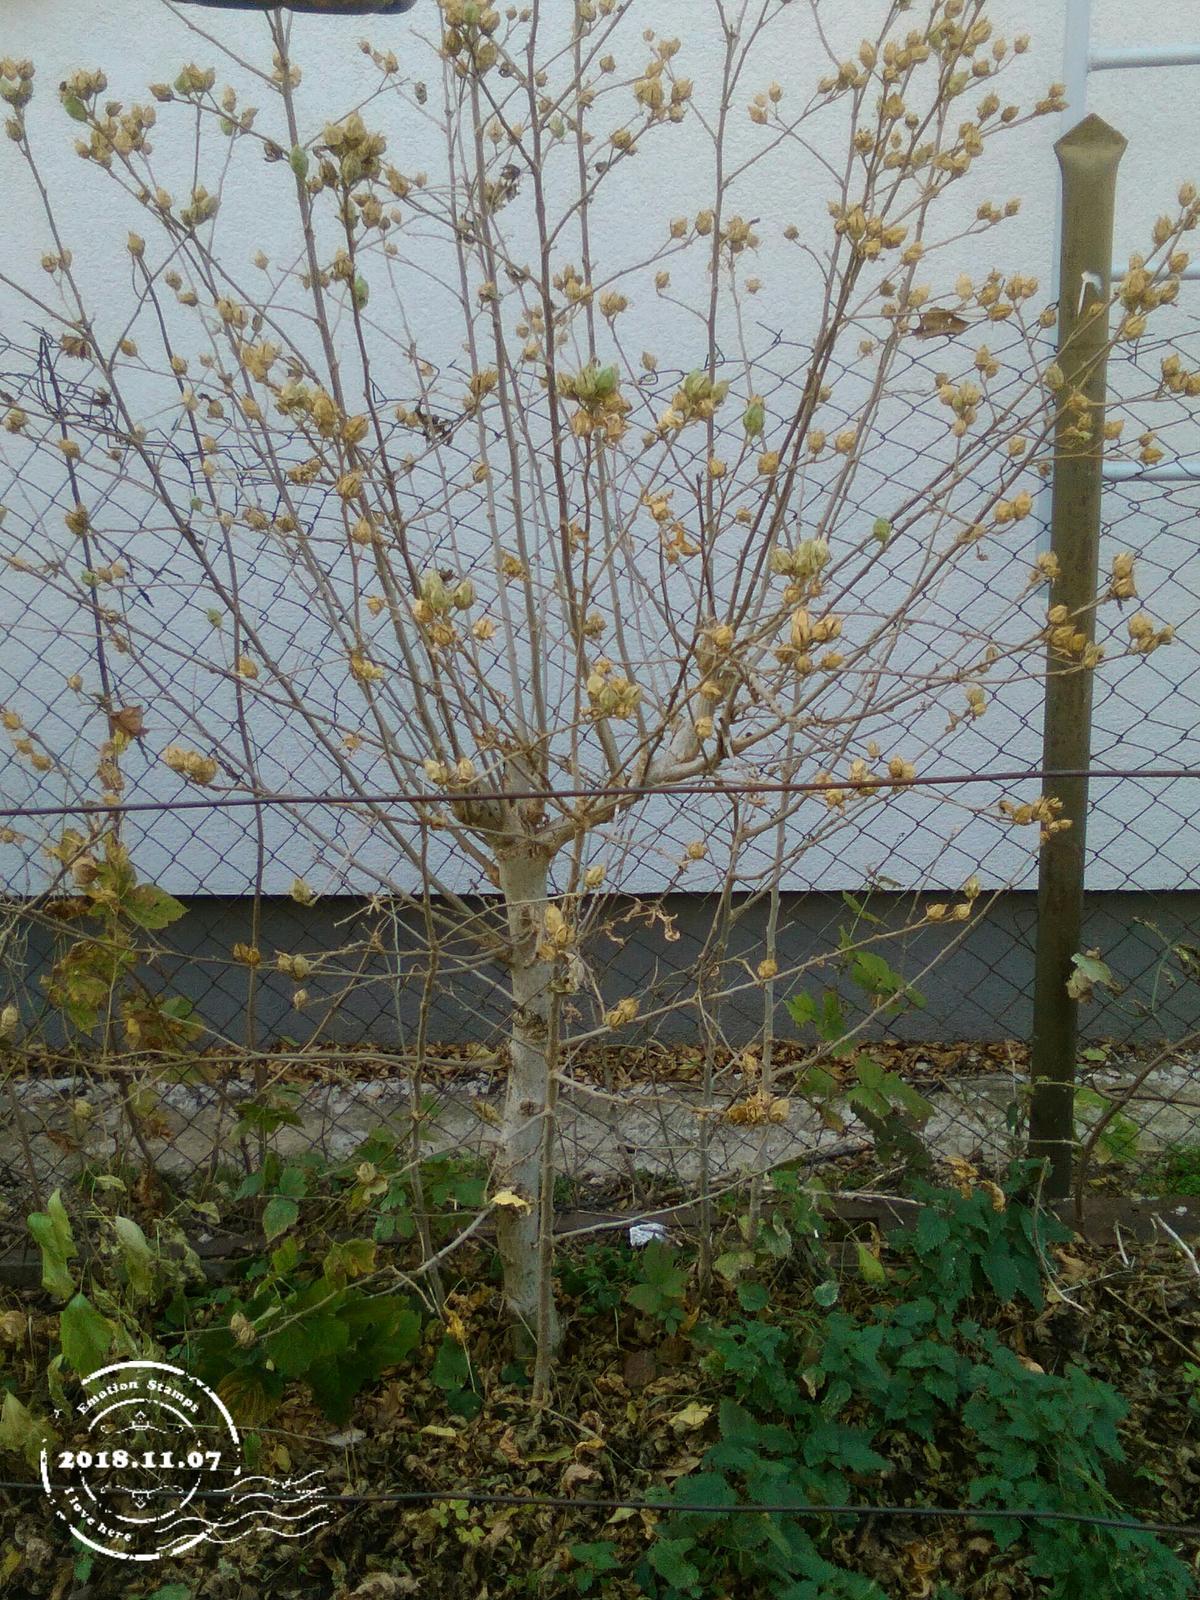 lacno predám ibišteky sýrske rôznych veľkostî - Obrázok č. 1